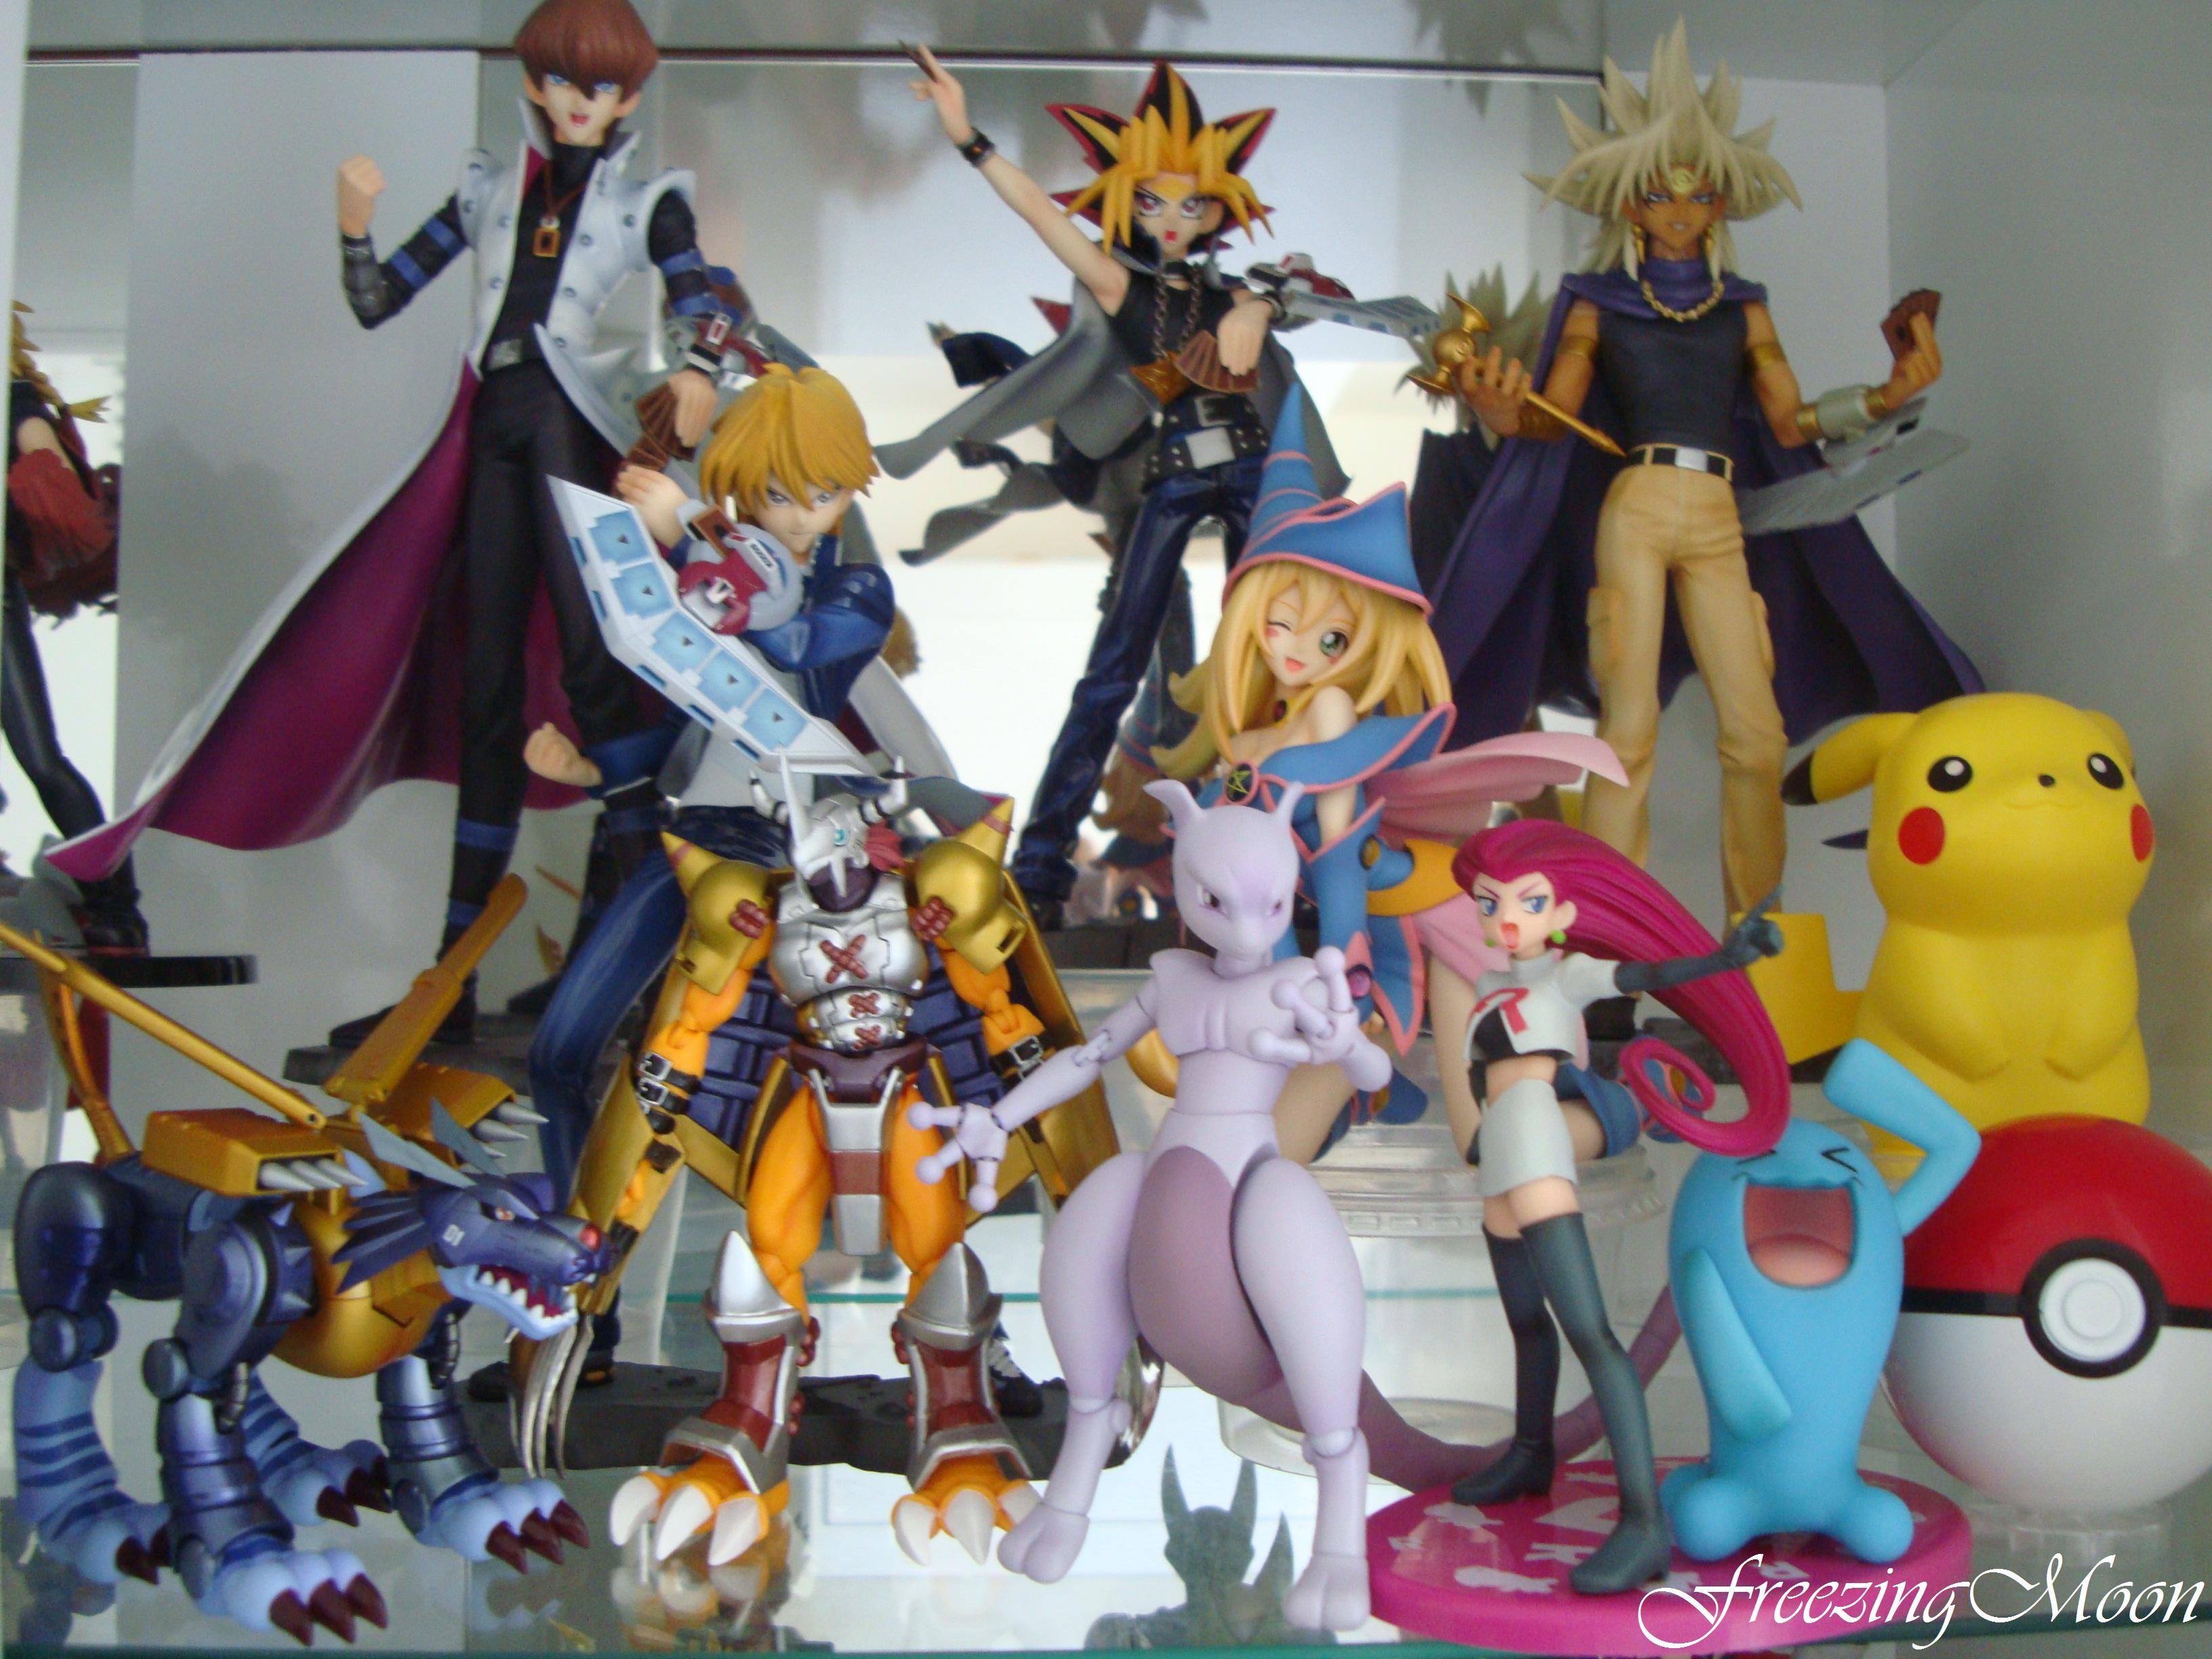 kotobukiya megahouse nintendo pikachu pocket_monsters bandai musashi digimon_adventure black_magician_girl shueisha d-arts wargreymon s.h.figuarts shirahige_tsukuru g.e.m. attm kaiba_seto toei_animation yami_yuugi jounouchi_katsuya hongou_akiyoshi sagae_hiroshi takahashi_kazuki yu-gi-oh!_duel_monsters artfx_j metalgarurumon game_freak mewtwo mcdonald's creatures_inc. sonans nihon_ad_systems pinpoint yami_marik